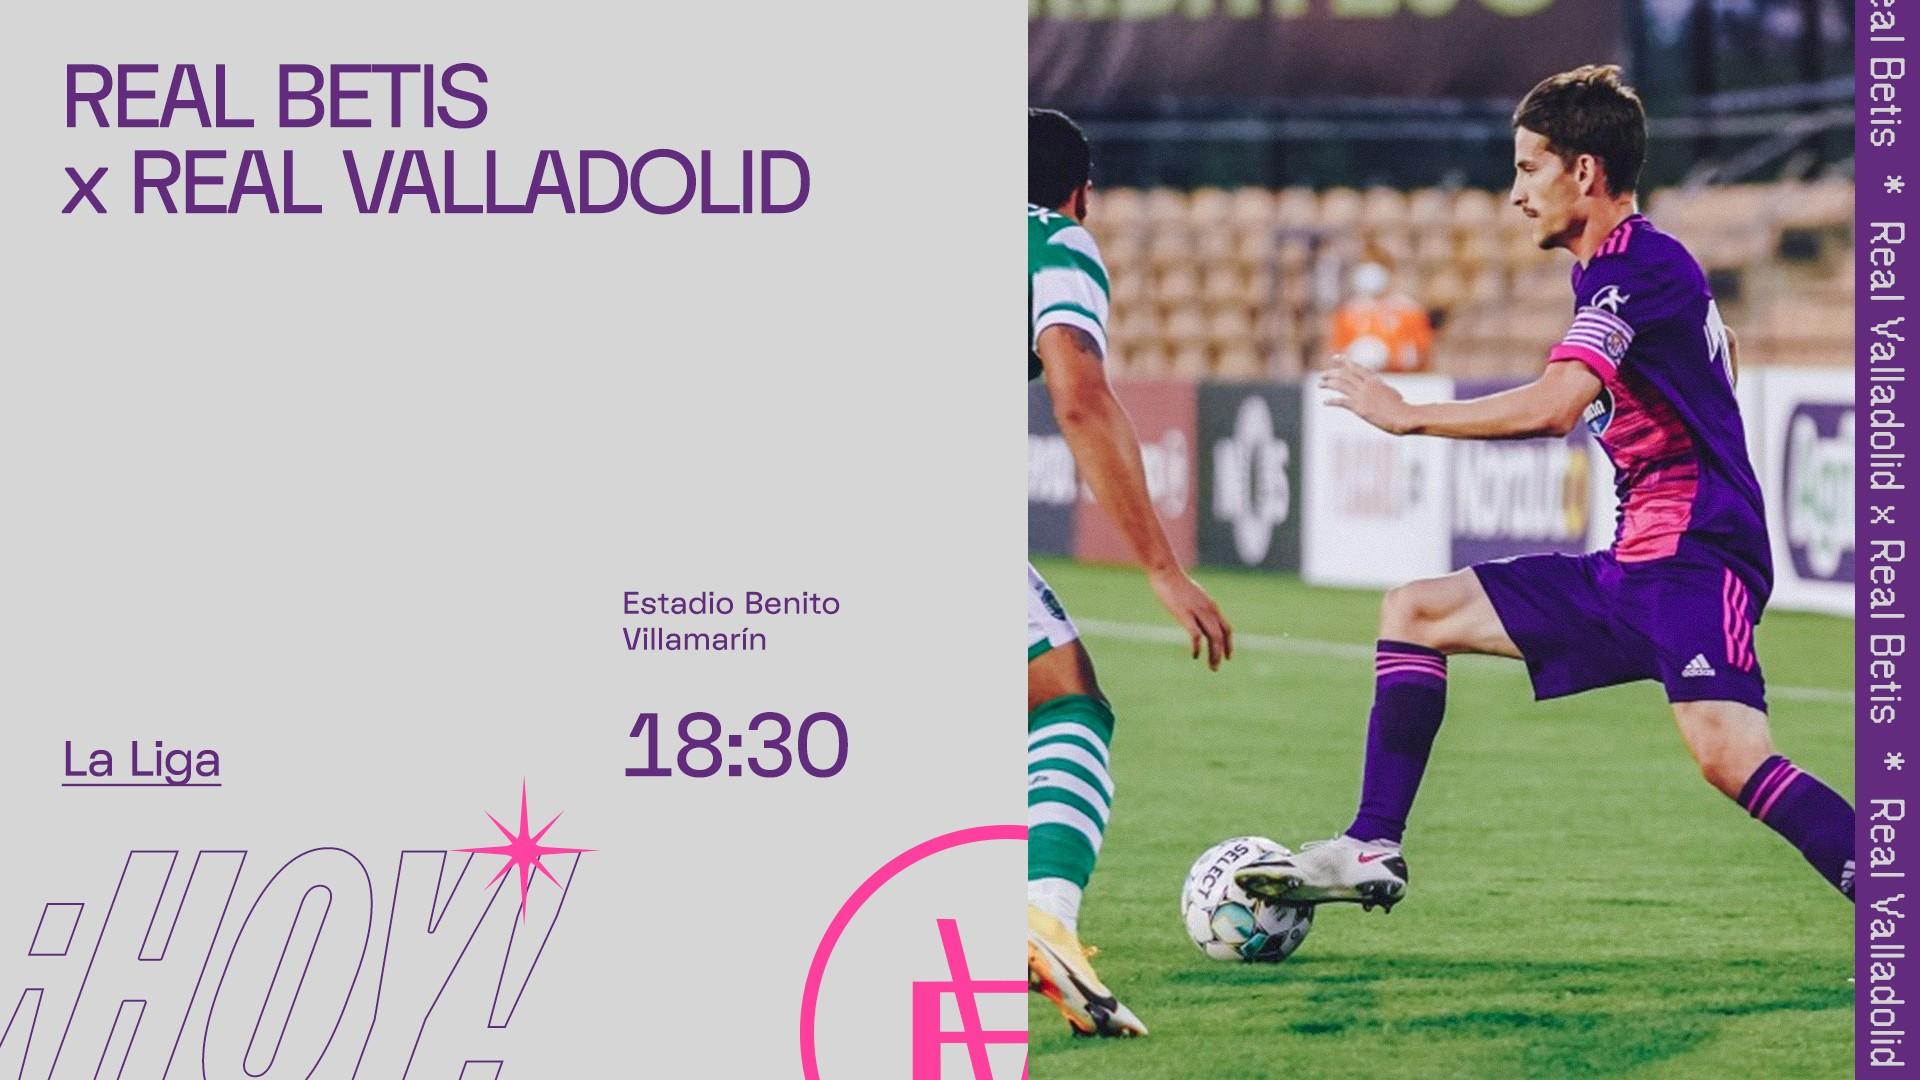 Al Asalto De Heliópolis Real Valladolid Web Oficial